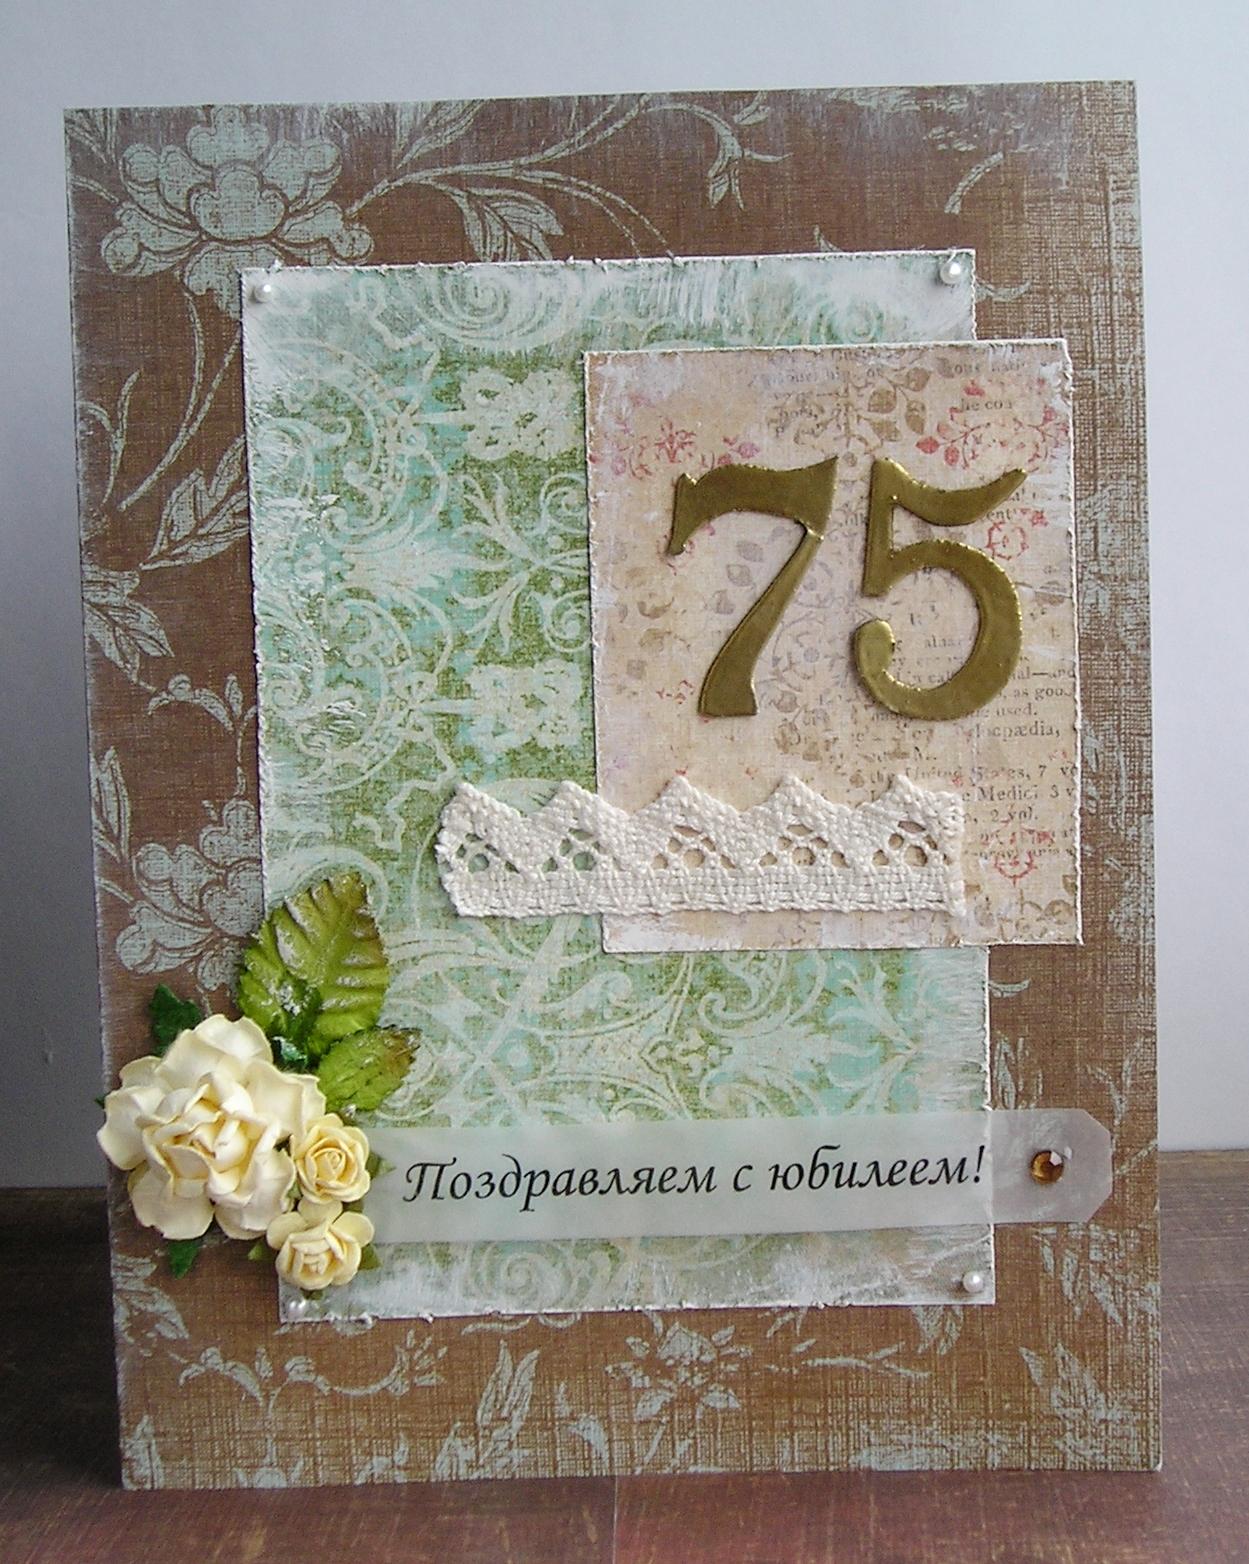 Поздравление с юбилеем дедушке 75